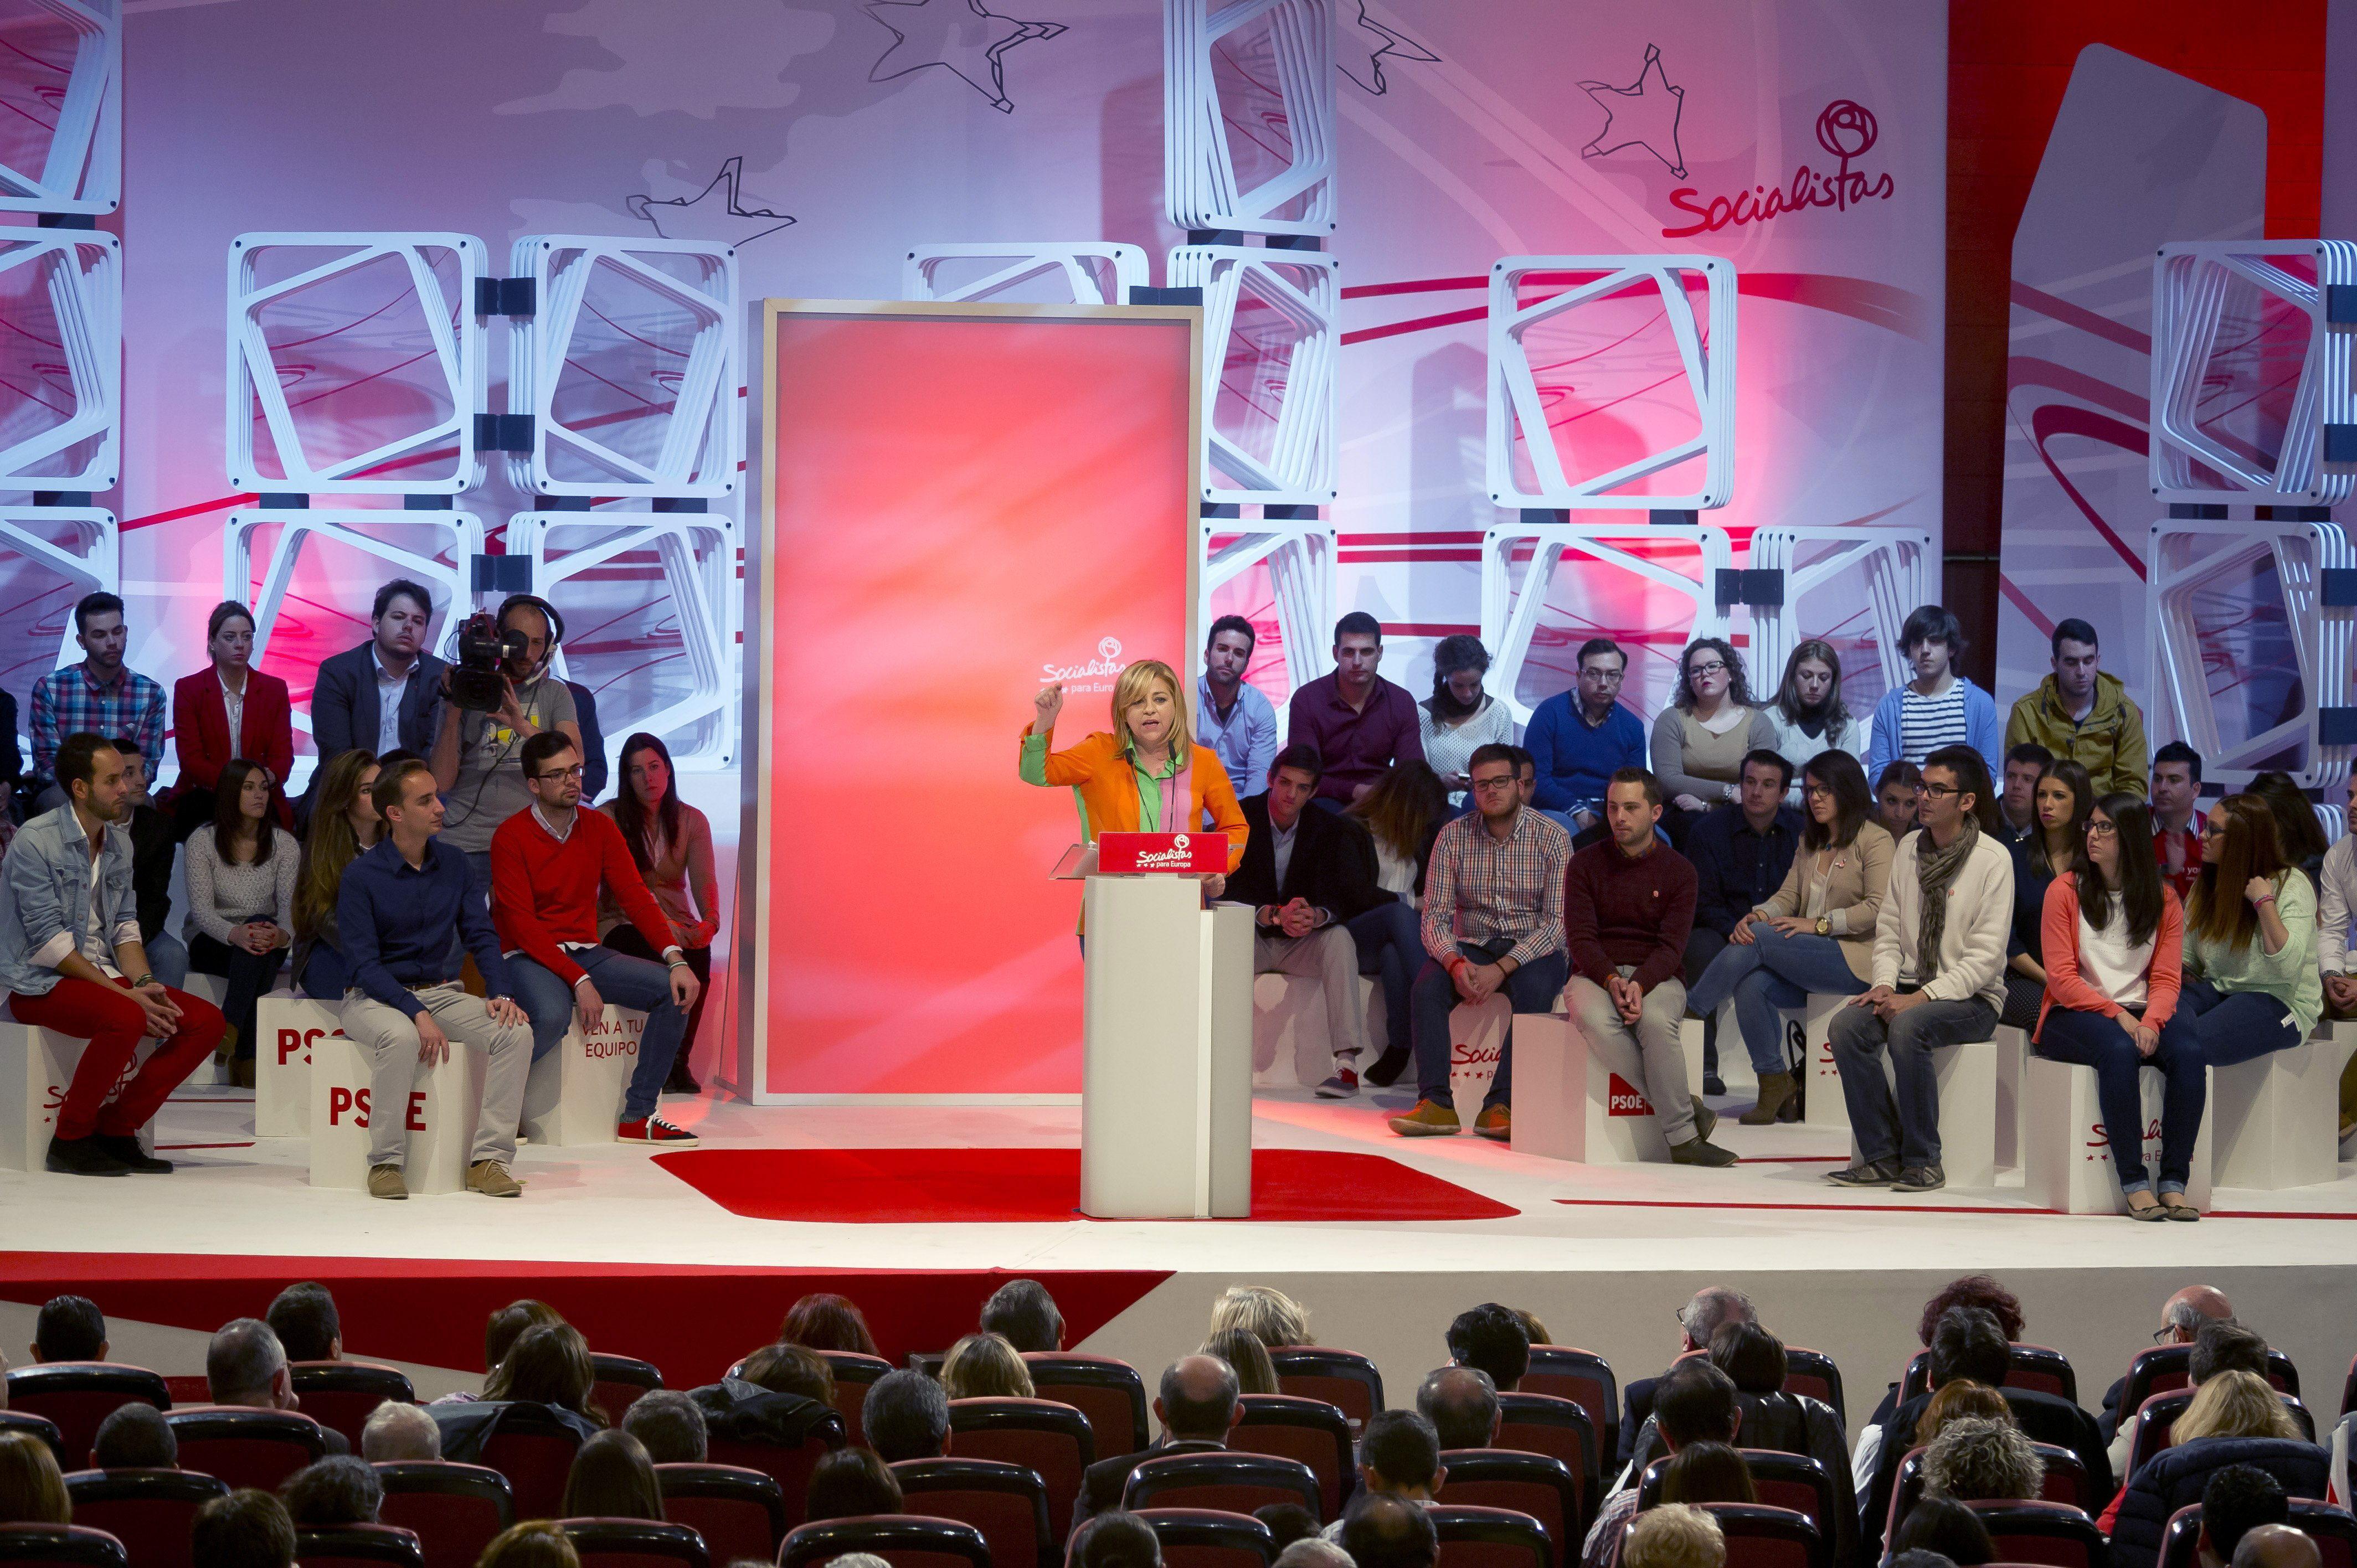 Valenciano pide a los ciudadanos movilizarse para cambiar el rumbo de la UE